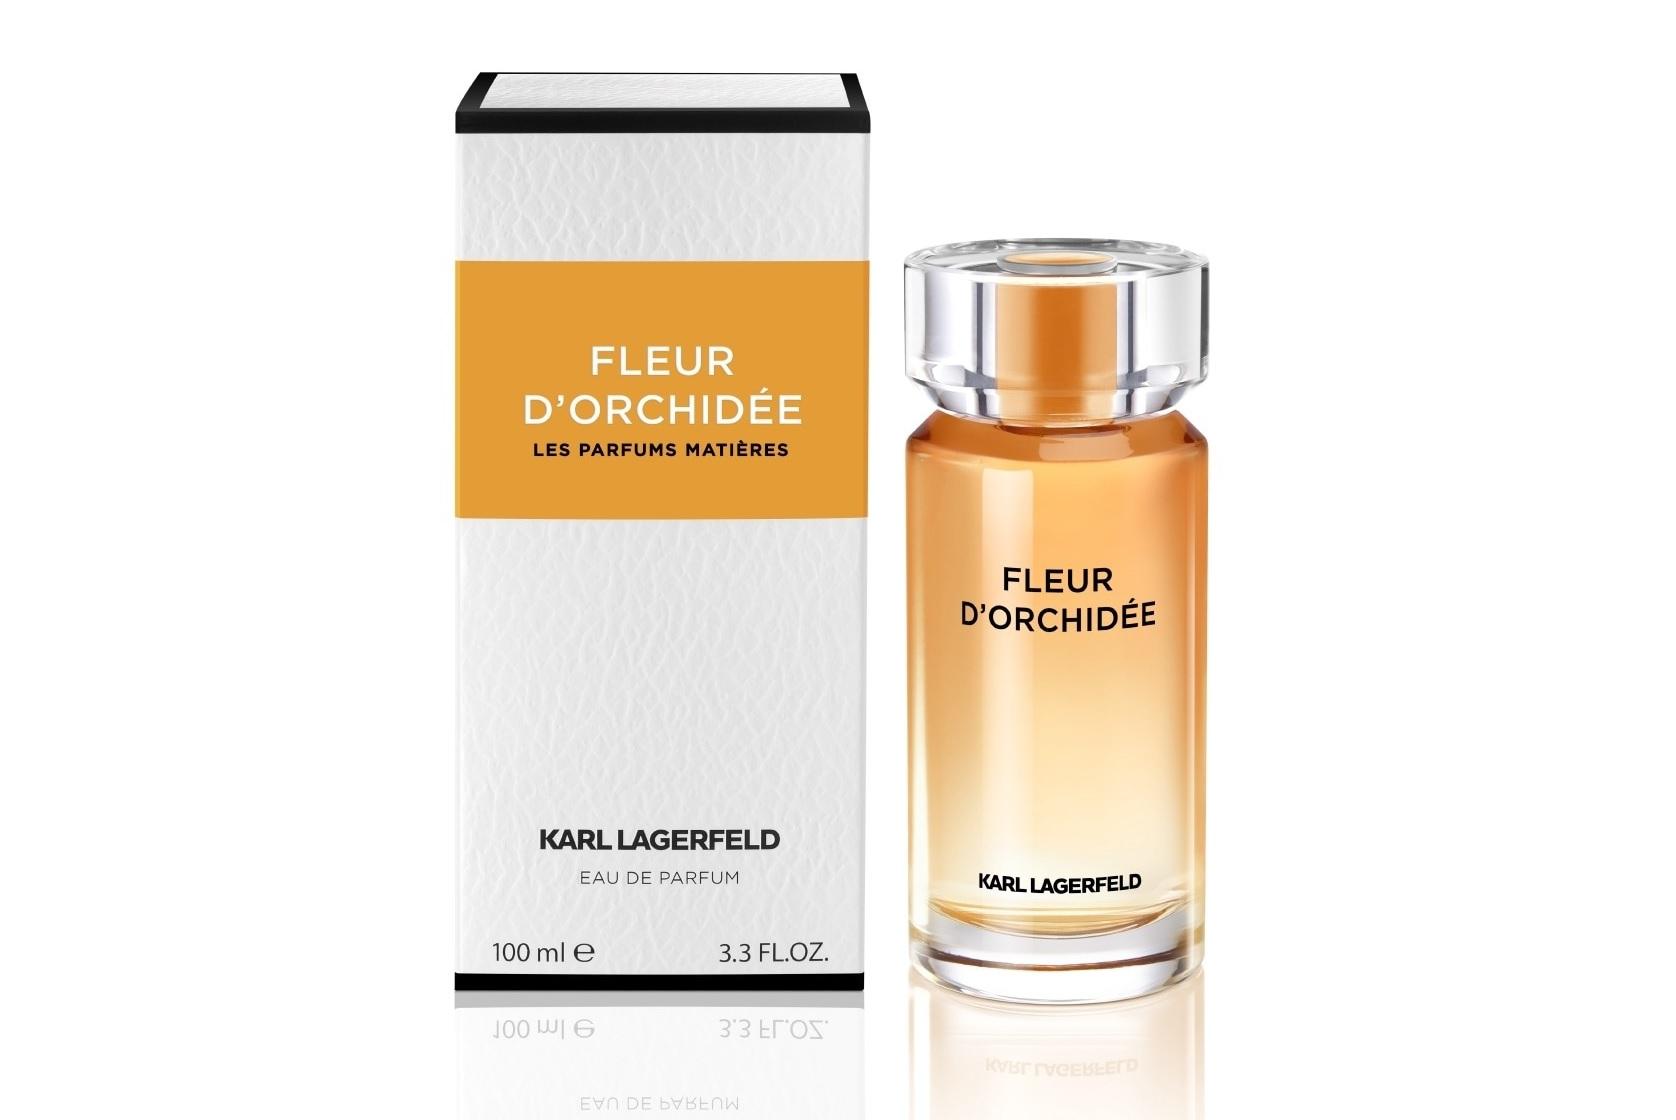 Karl Lagerfeld Fleur d Orchidee